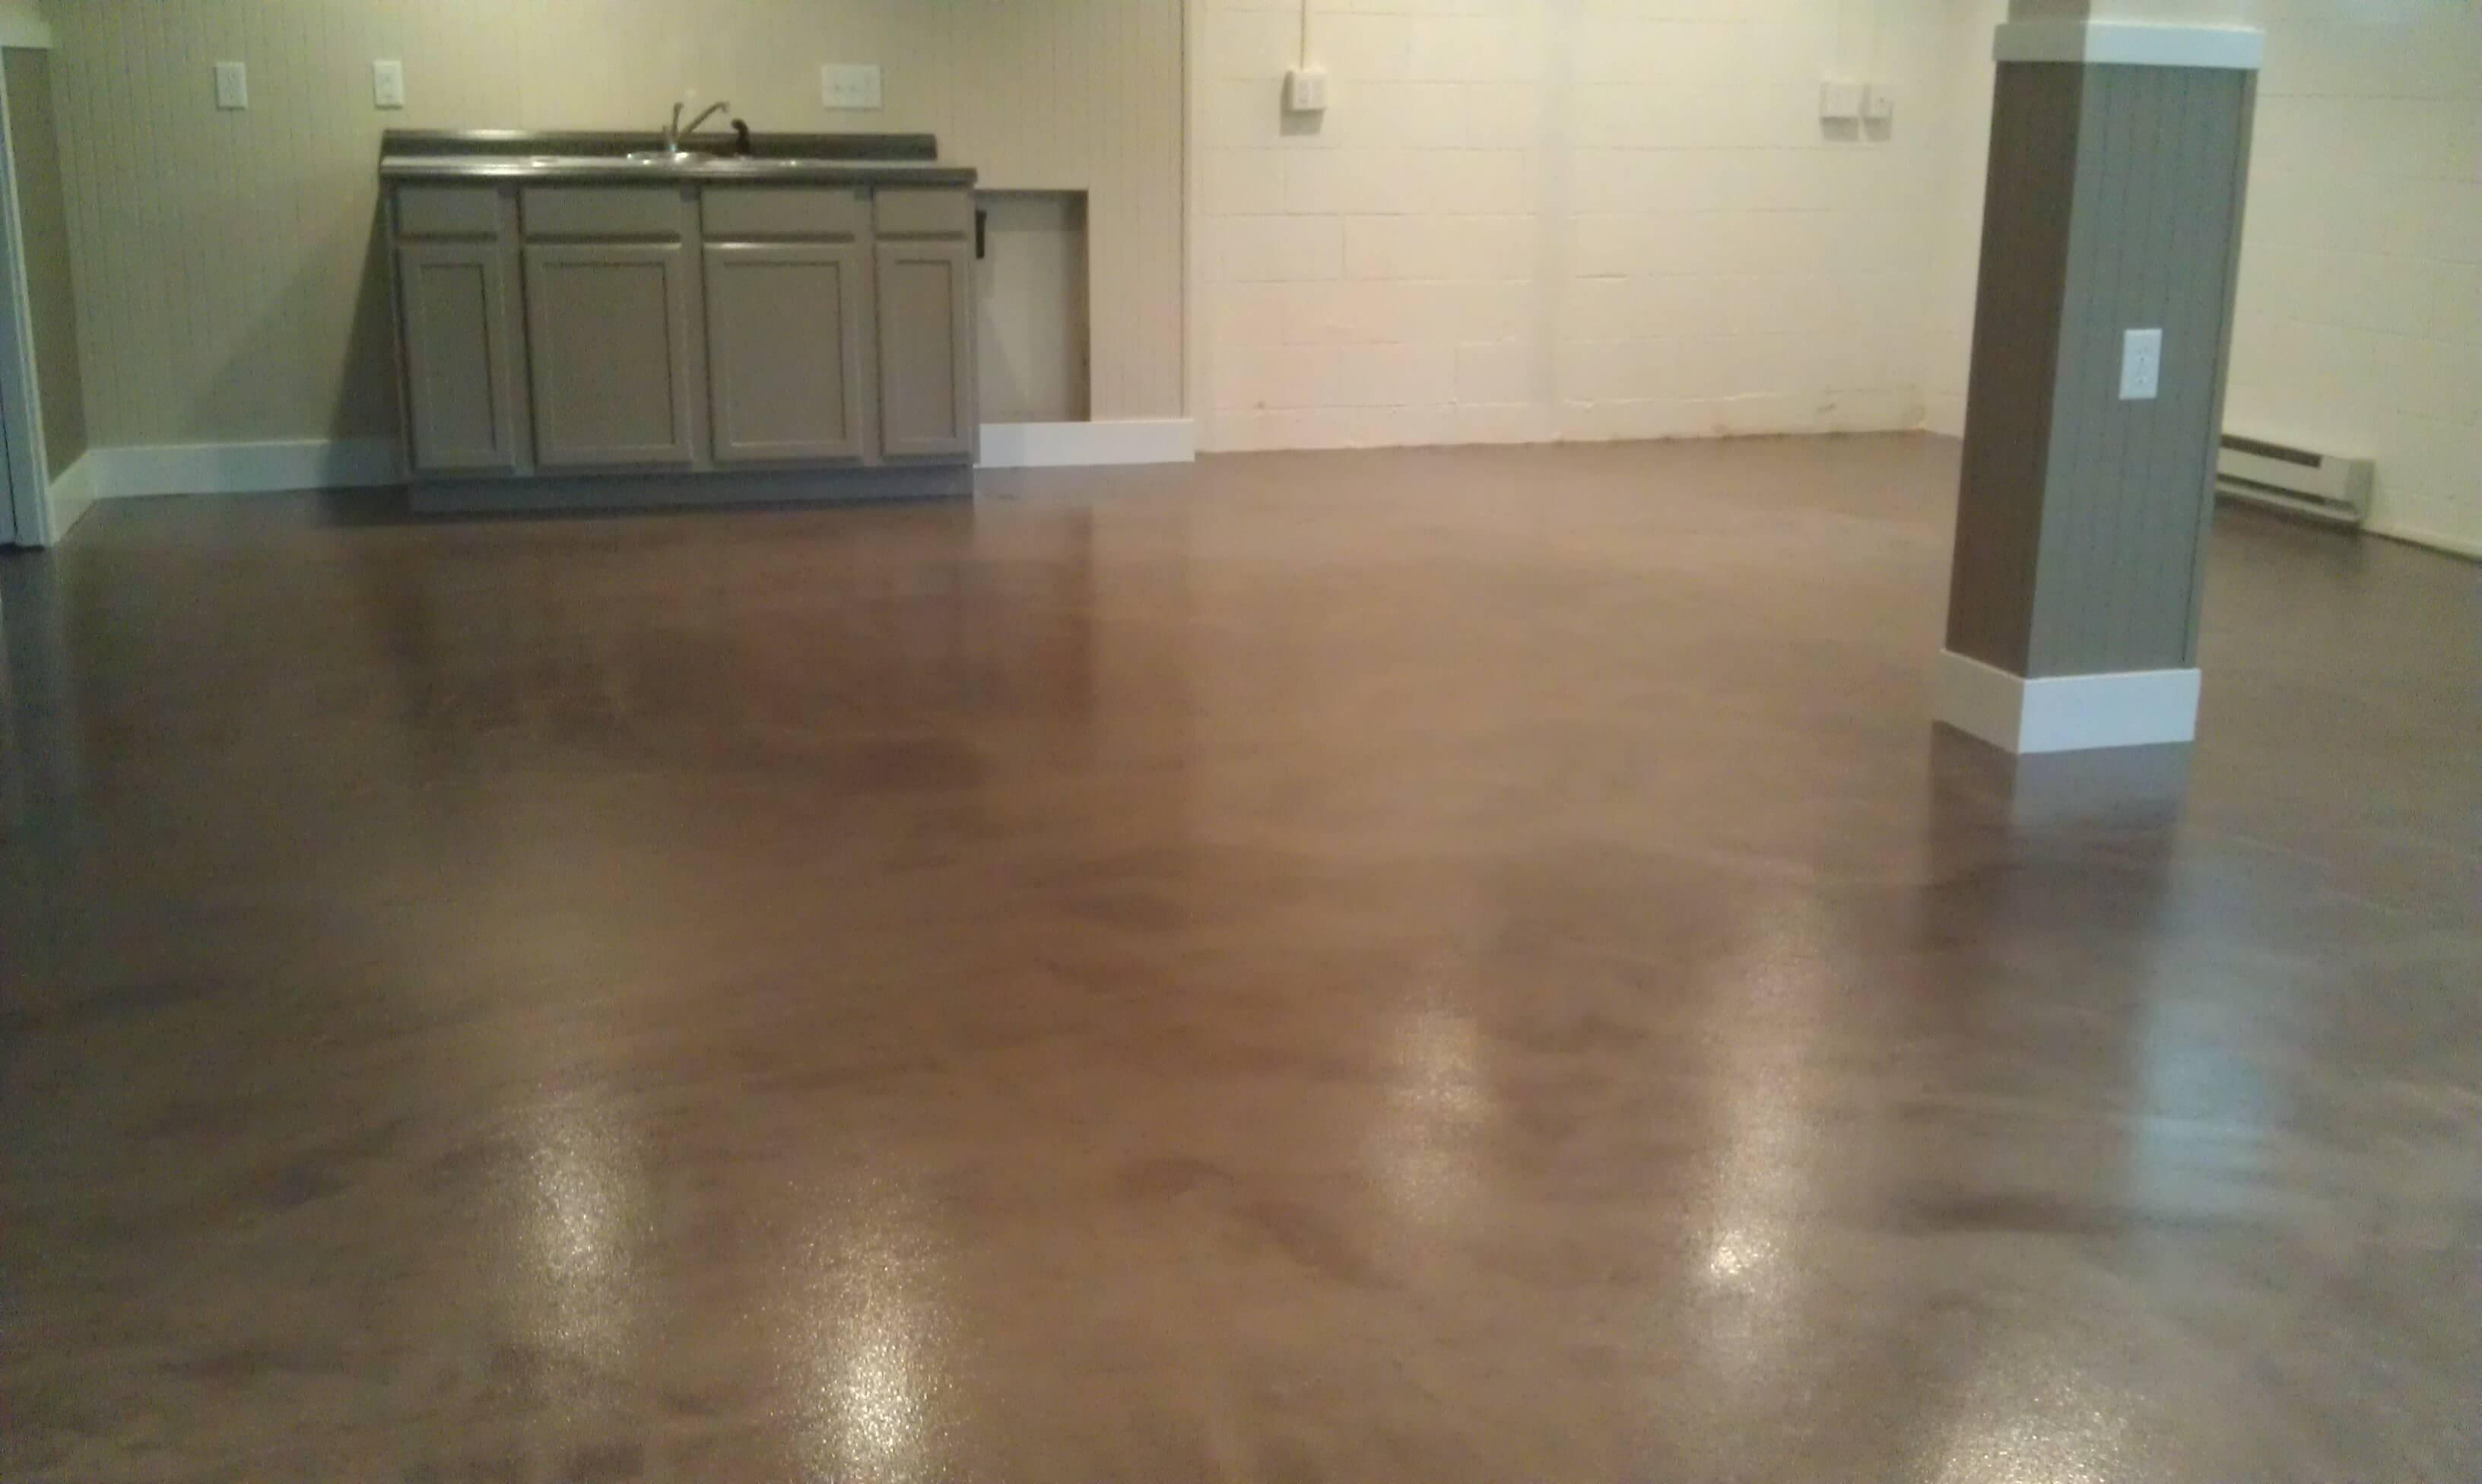 Epoxy Floor Coating For Basements Epoxy Floor Coating For Basements metallic epoxy in lancaster pa 3264 X 1952